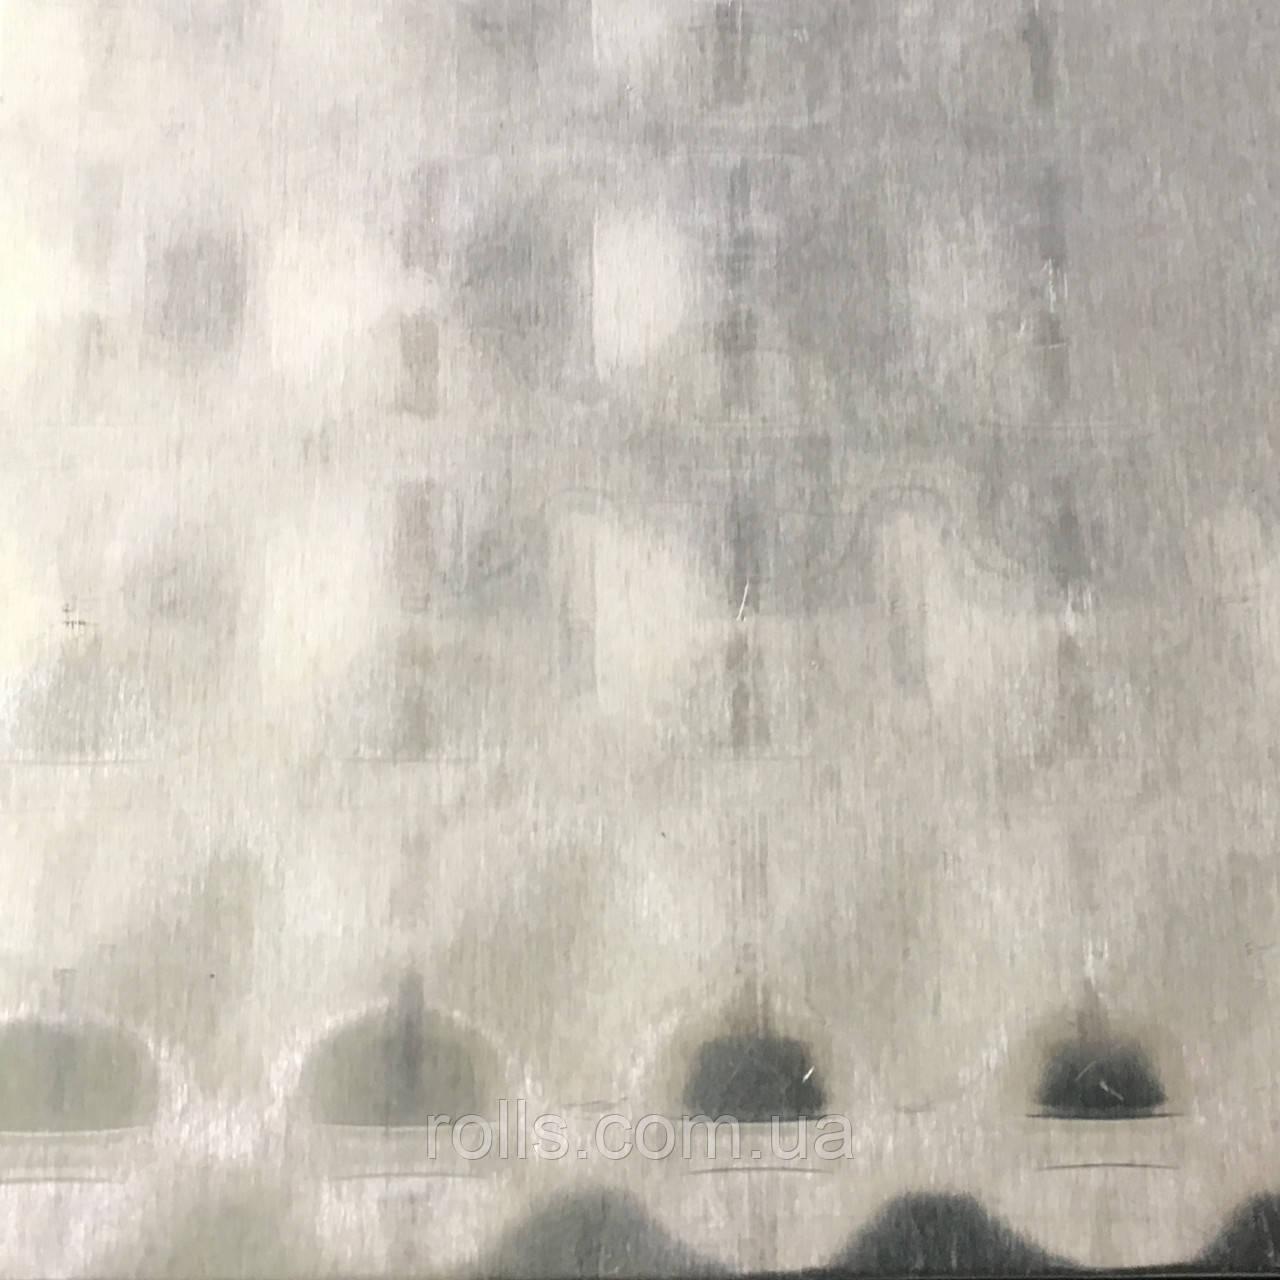 Лист рифленый алюминиевый 1,0х1000х3000мм PREFA DESIGN 912 QUADRAT декоративный лист